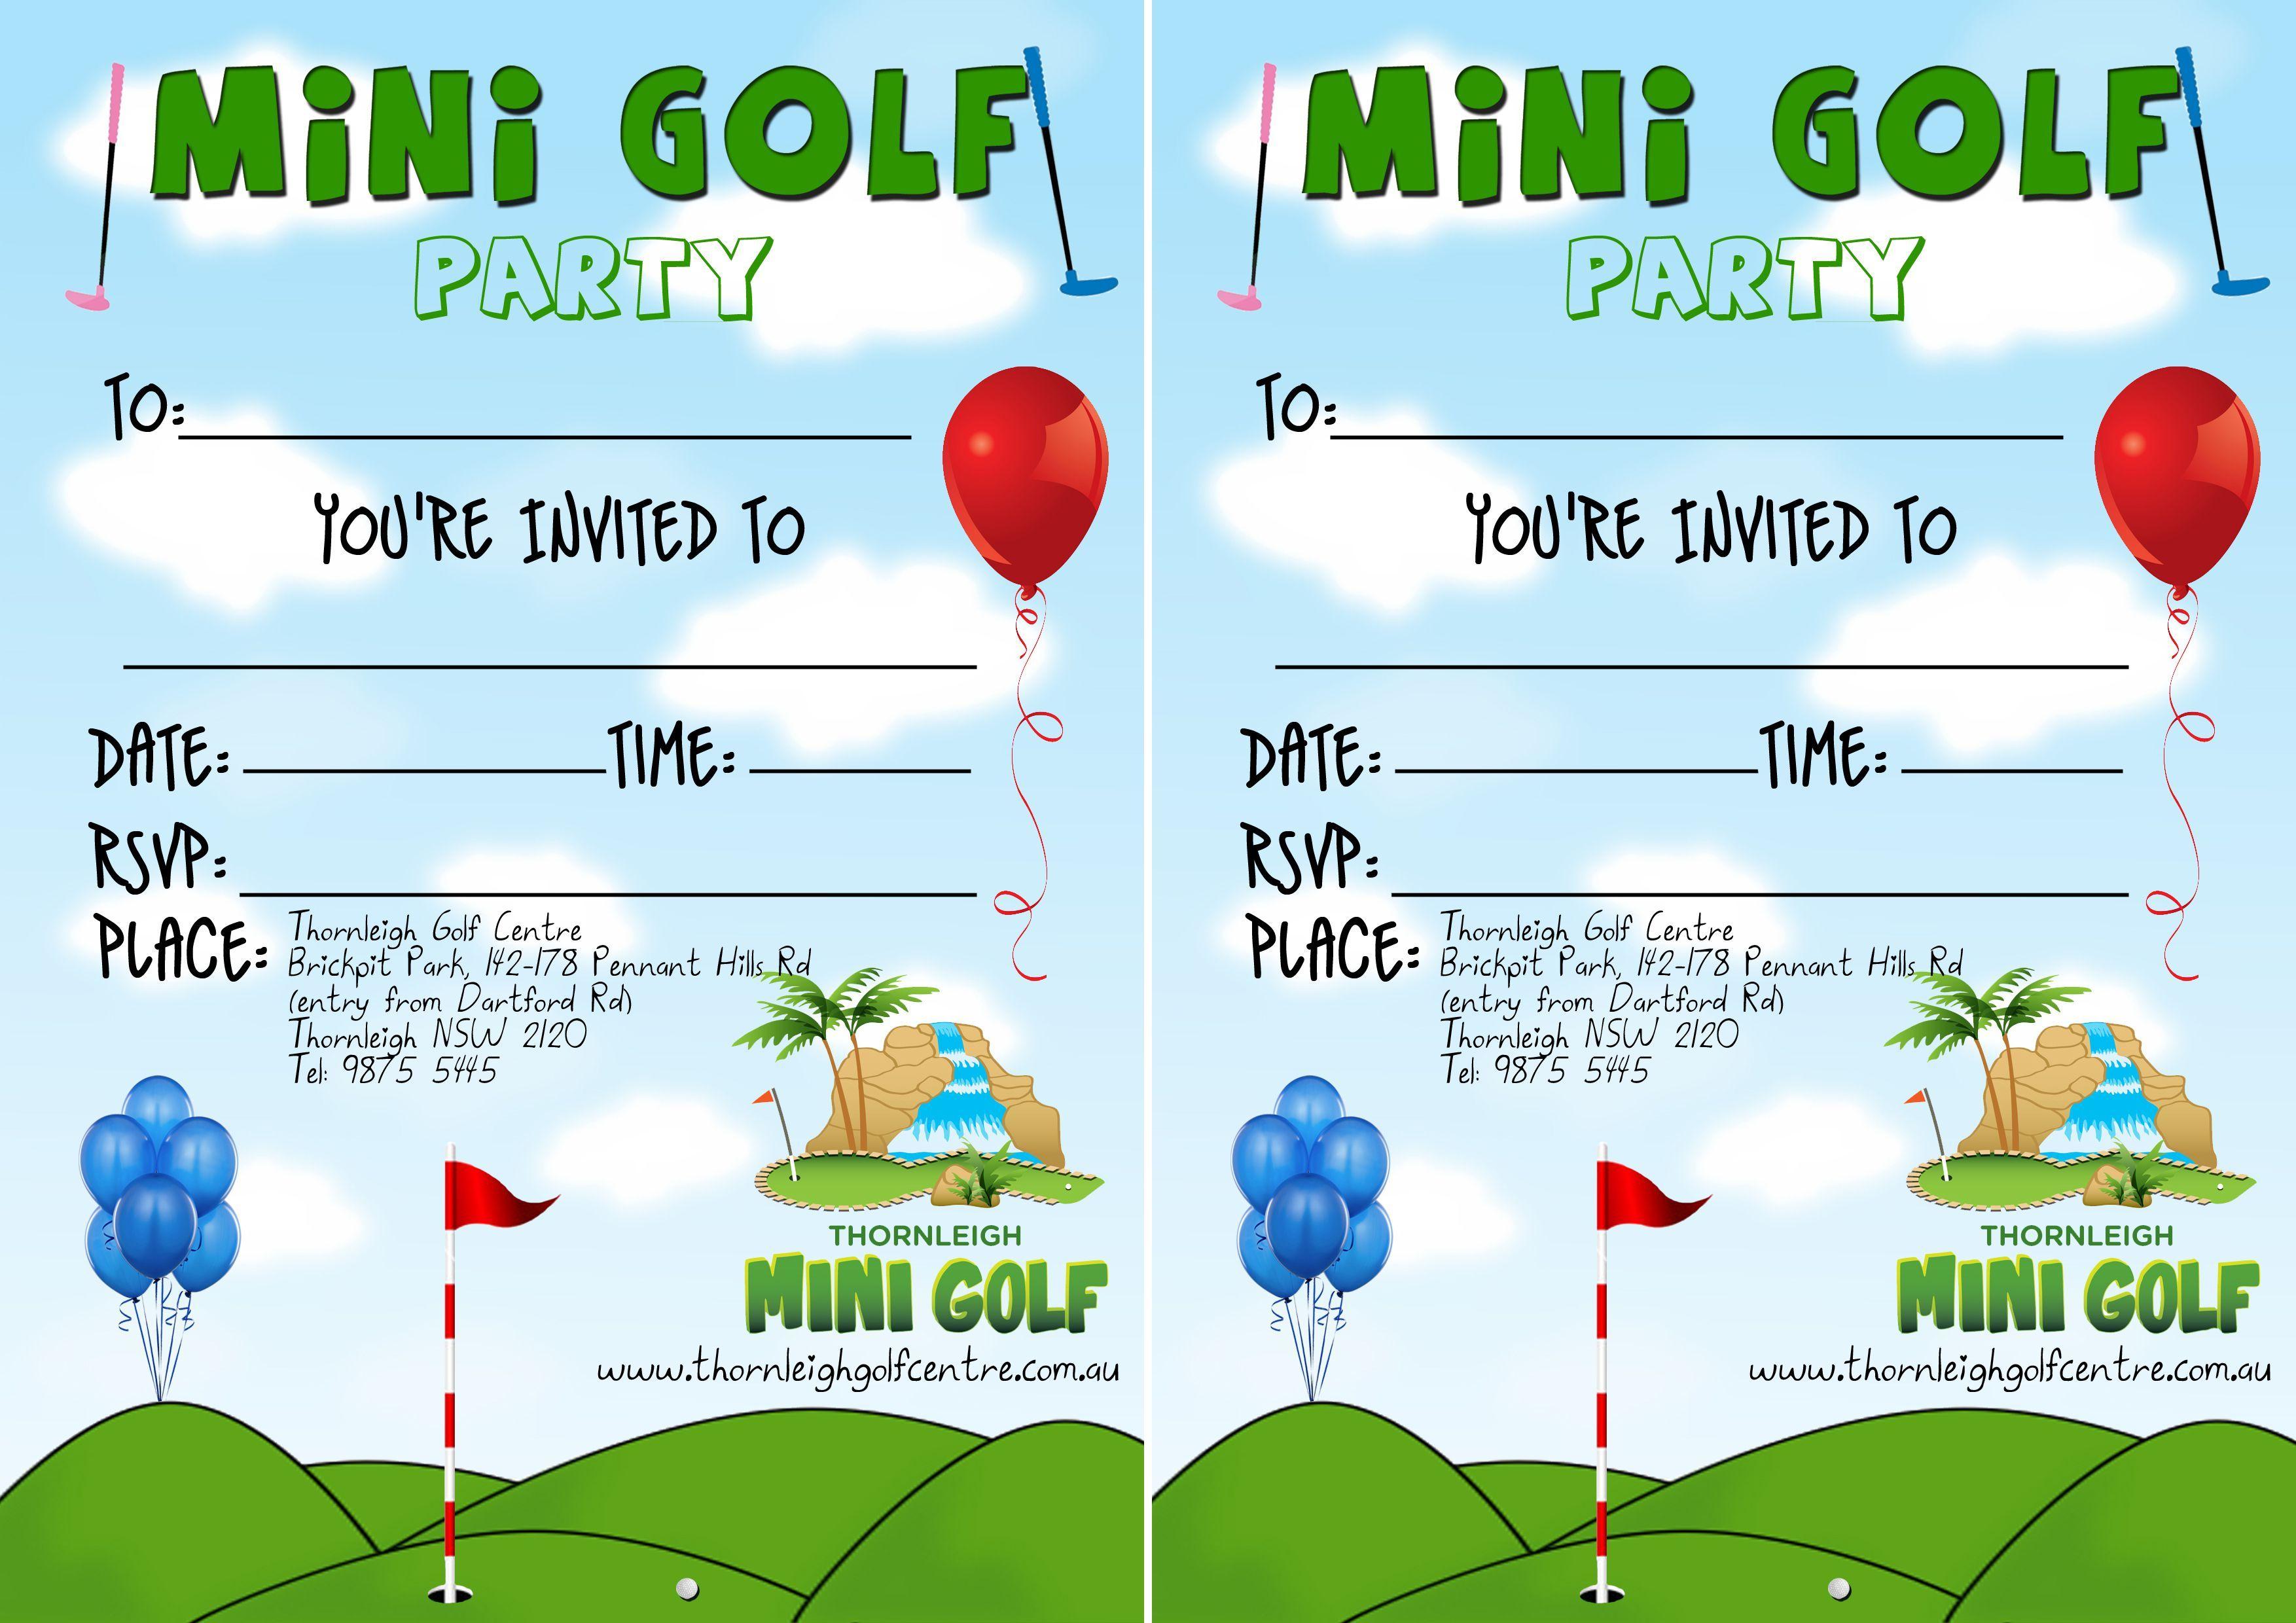 Lovely Einladungskarten Fur Geburtstage #10: Einladungskarten Geburtstag Minigolf